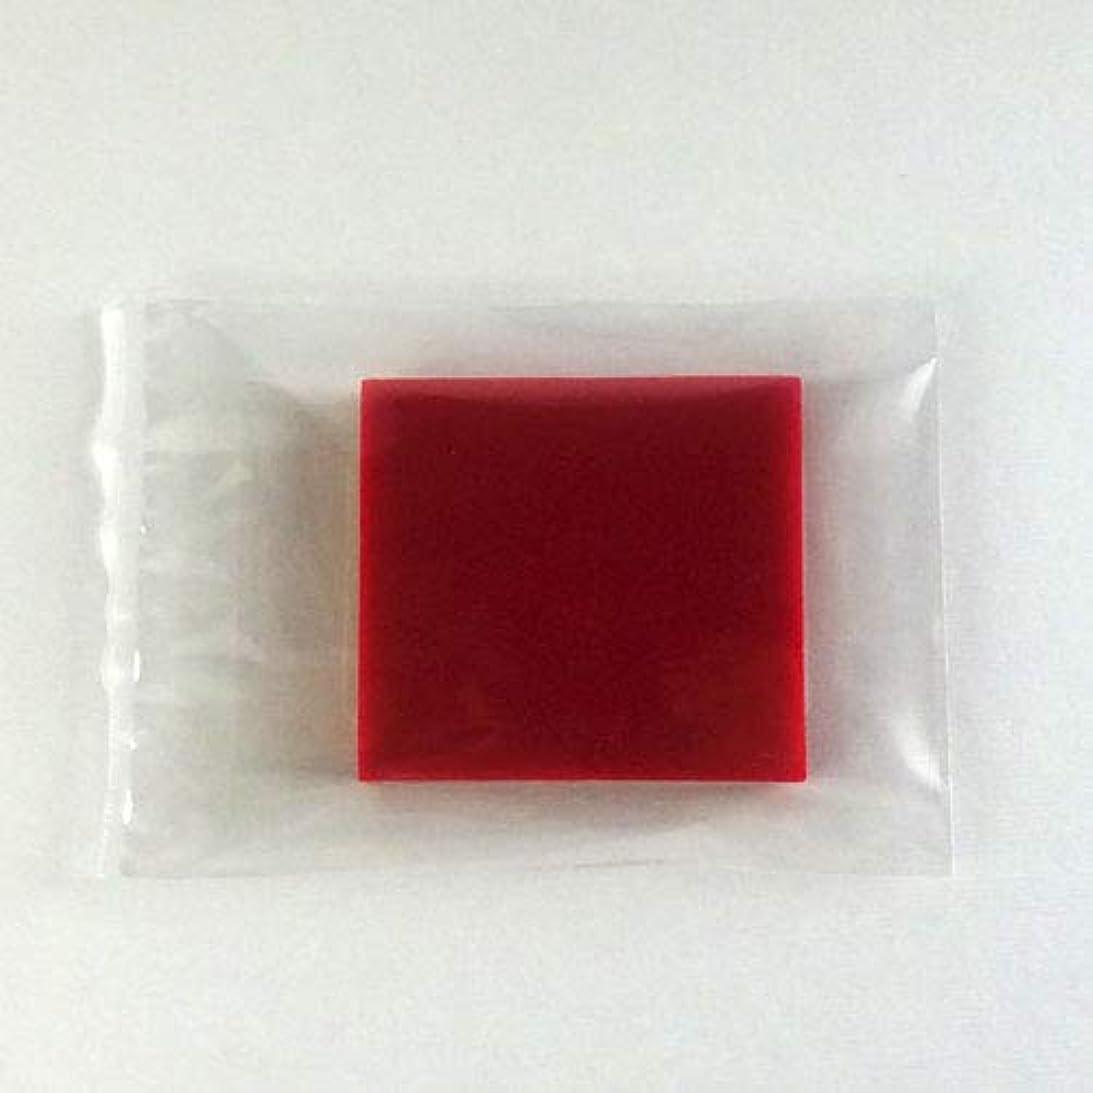 敬意を表するバンド世界記録のギネスブックグリセリンソープ MPソープ 色チップ 赤(レッド) 30g